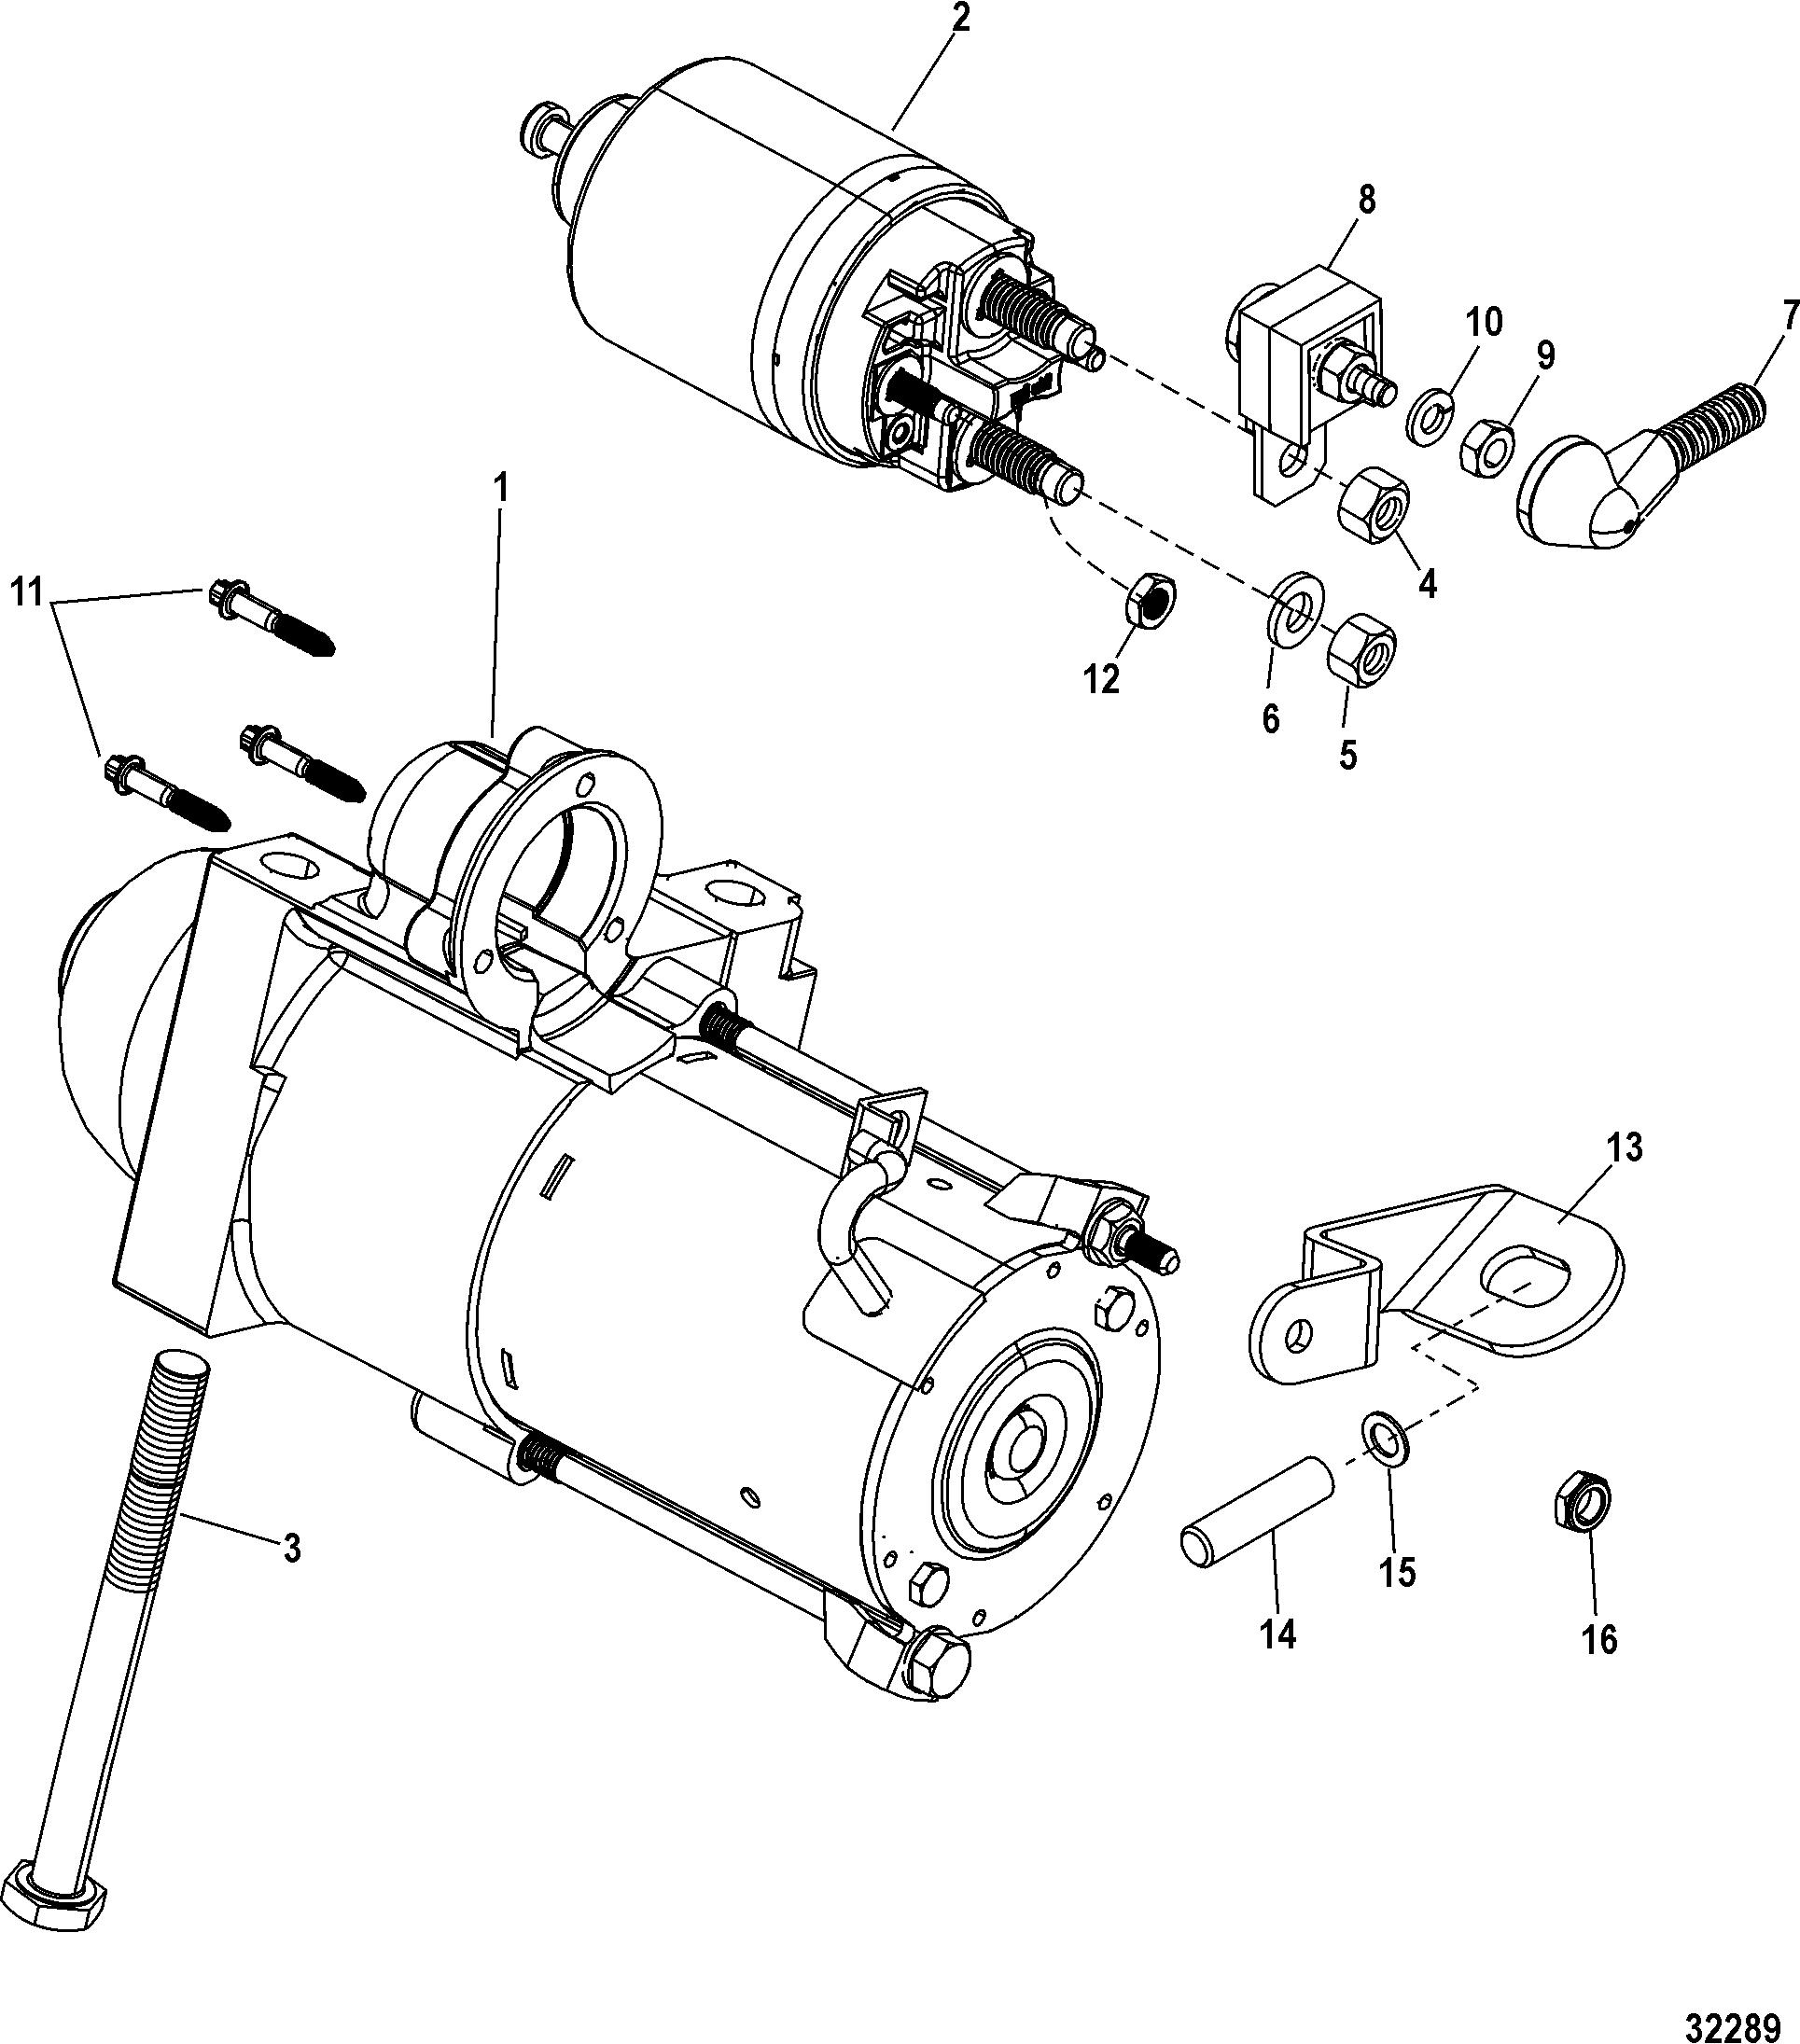 Wiring Diagram Seaswirl Cuddy